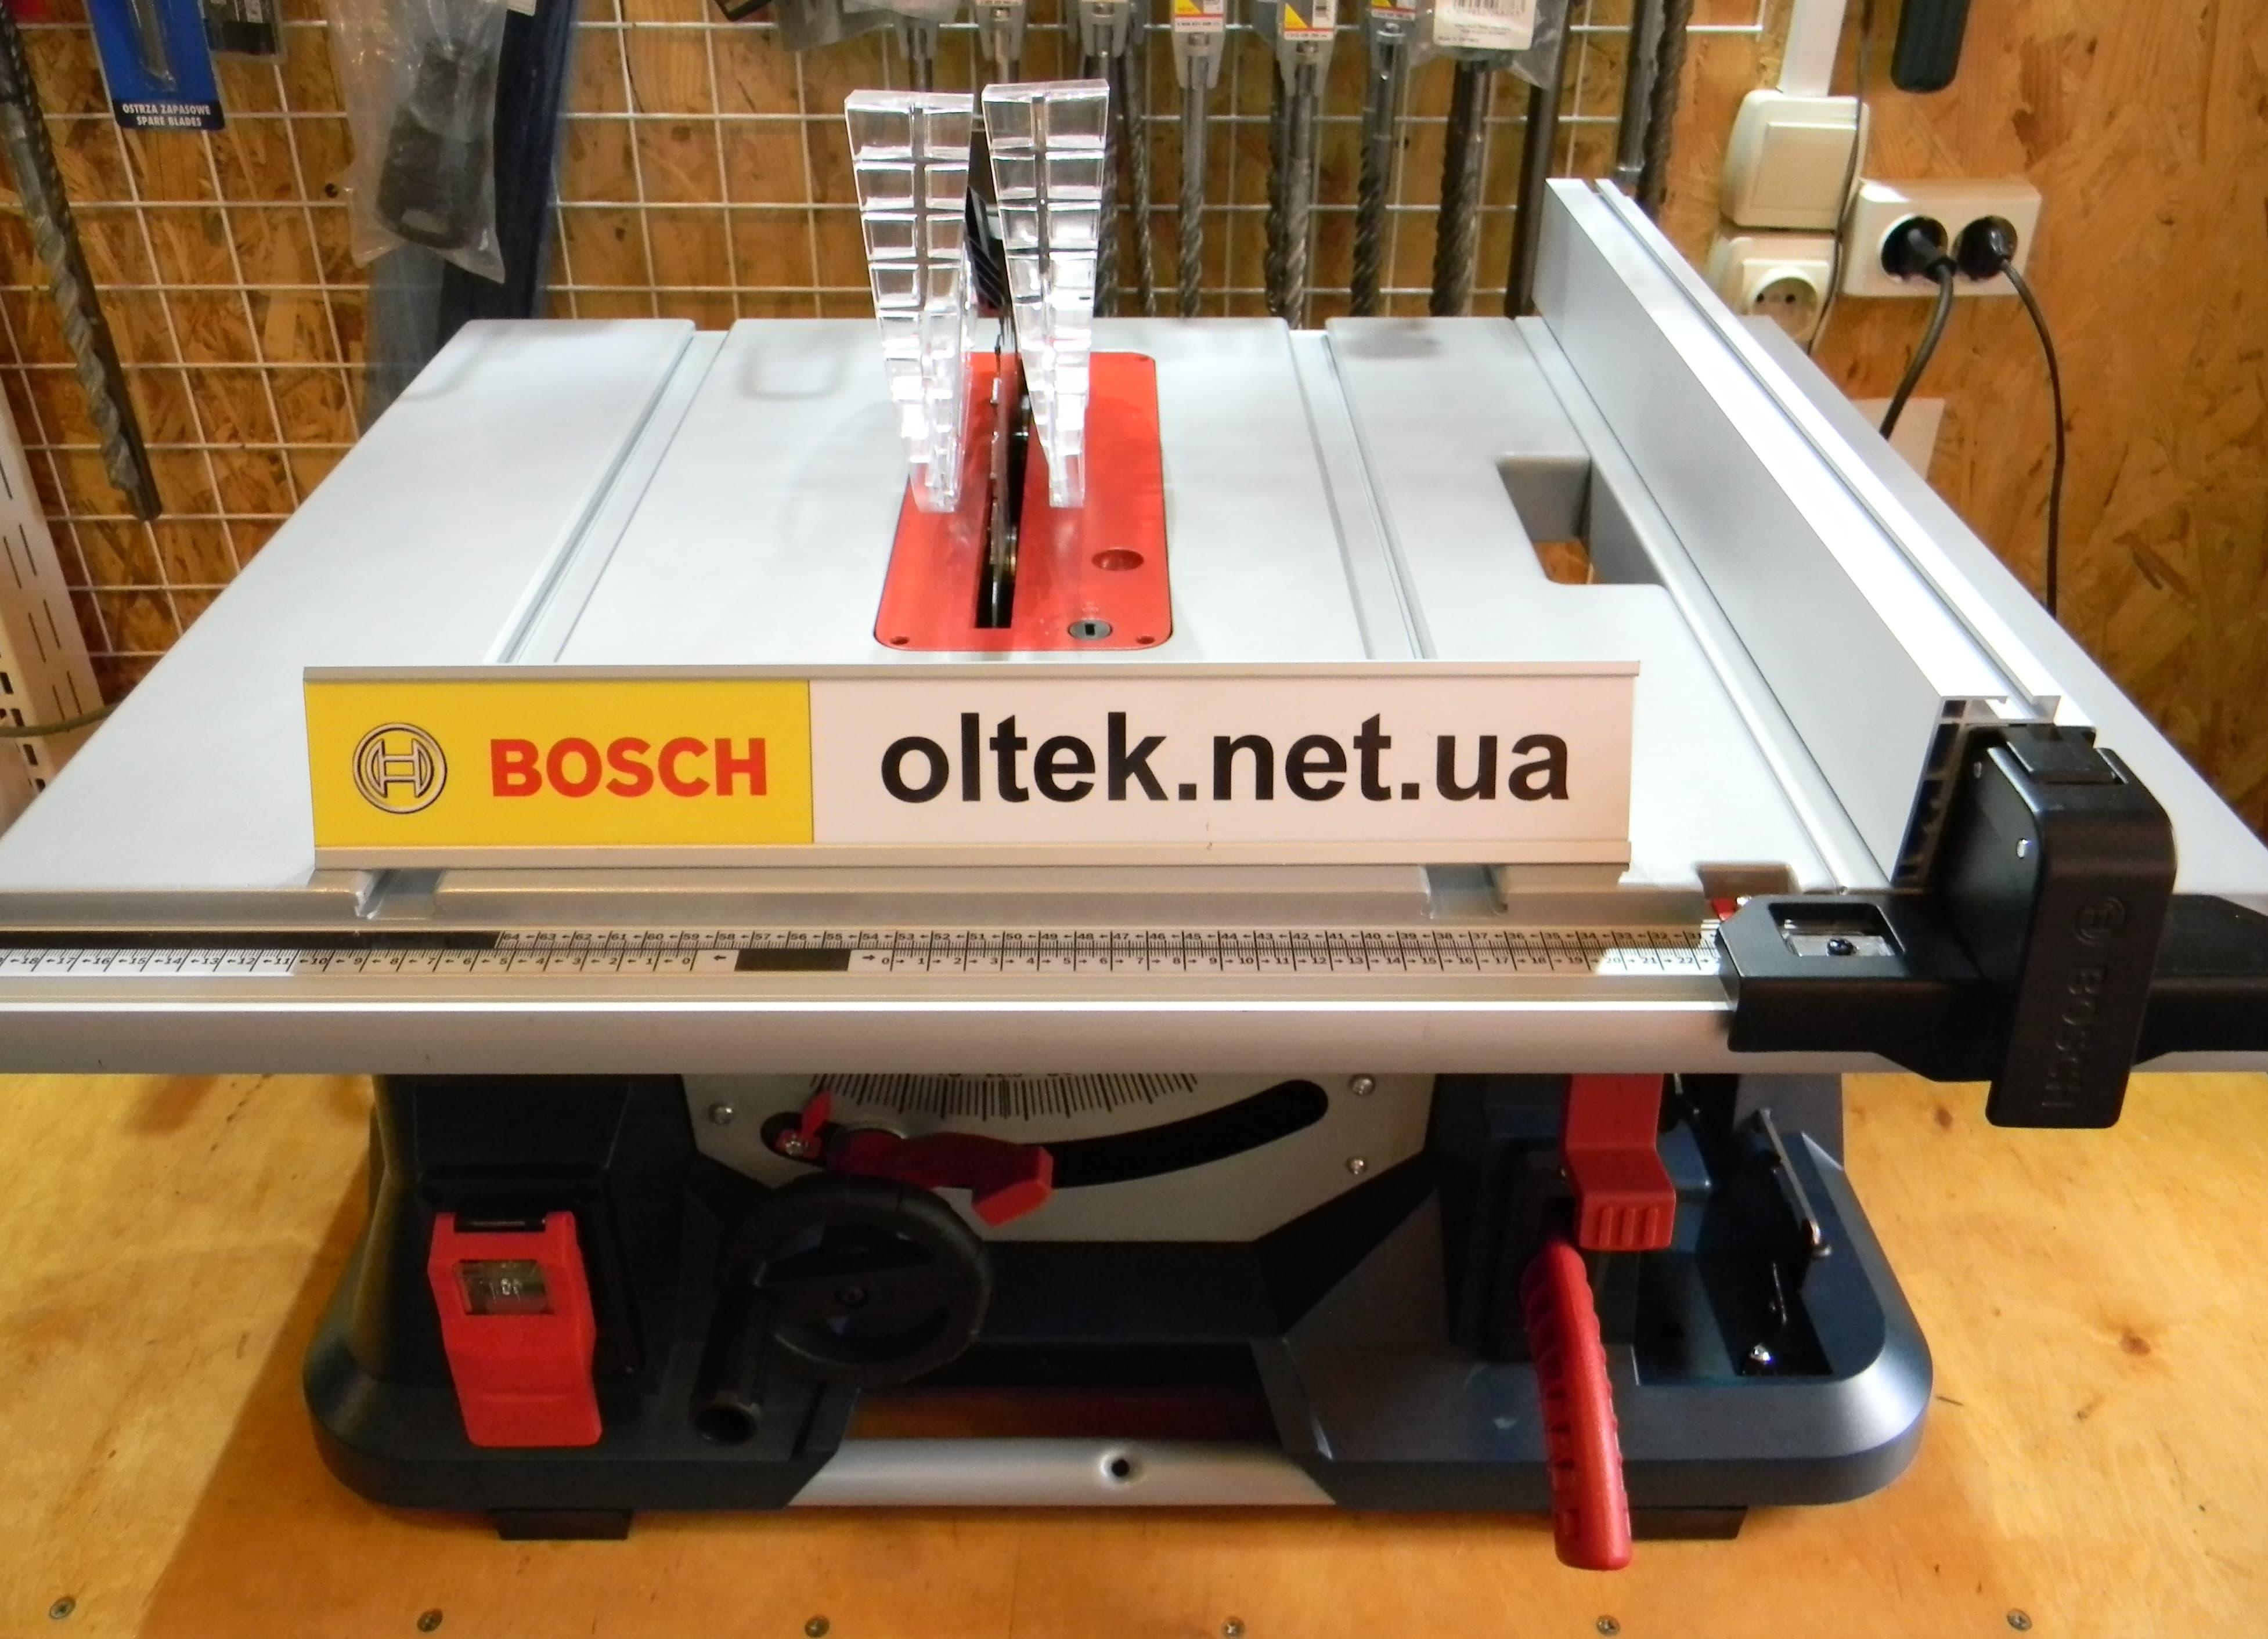 bosch-635-216 (1)